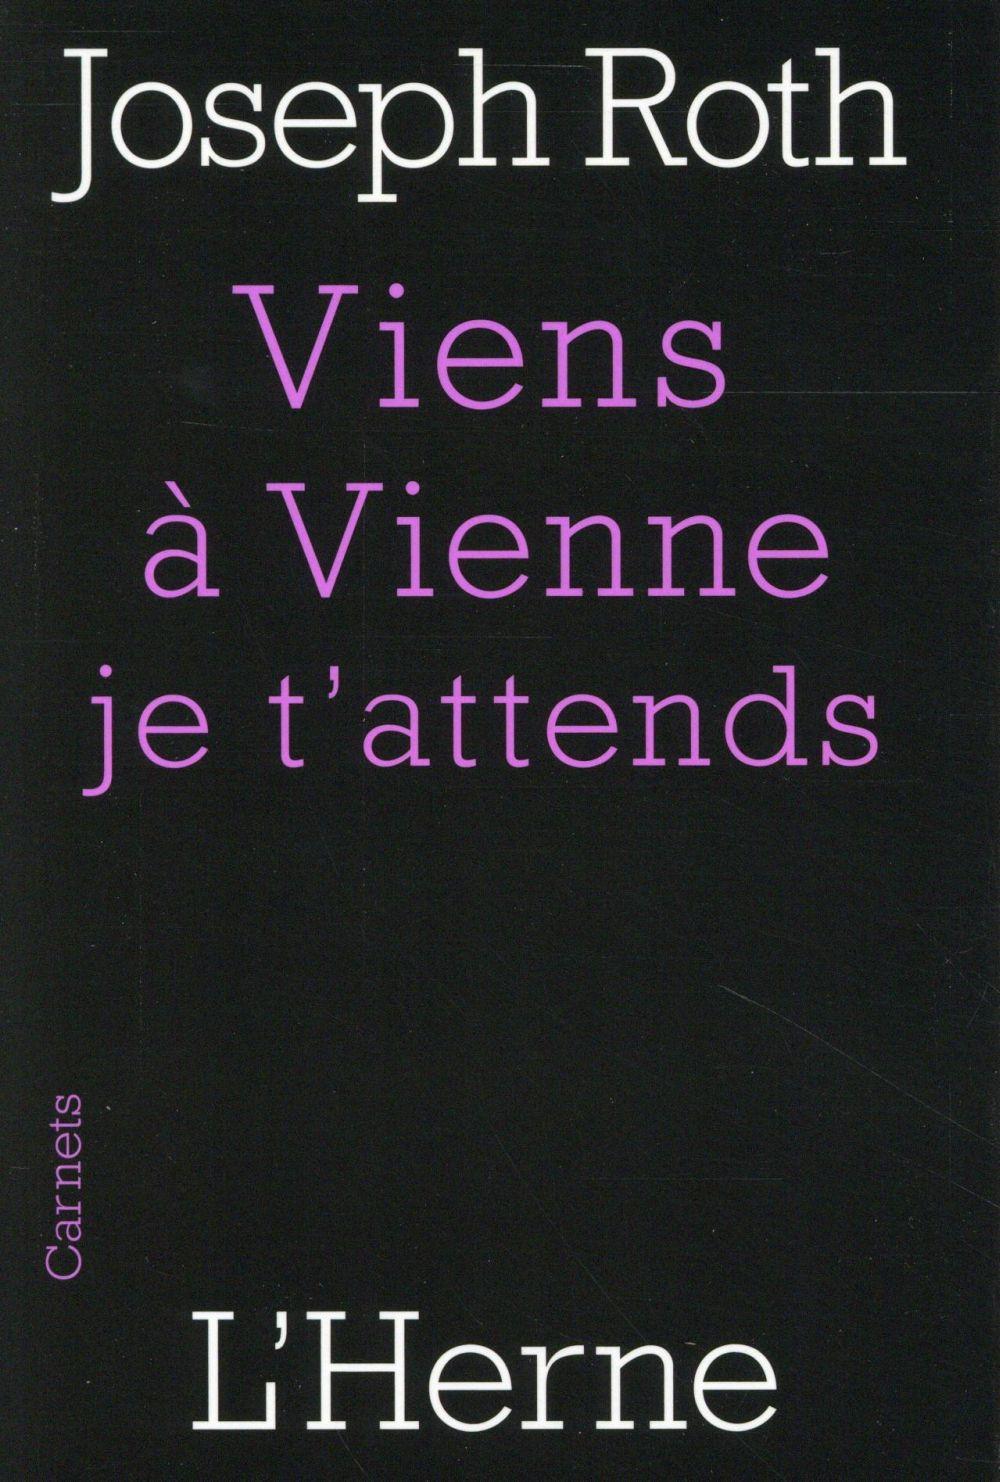 Viens à Vienne, je t'attends Mendel, le porteur d'eau Au neuvième jour d'Av